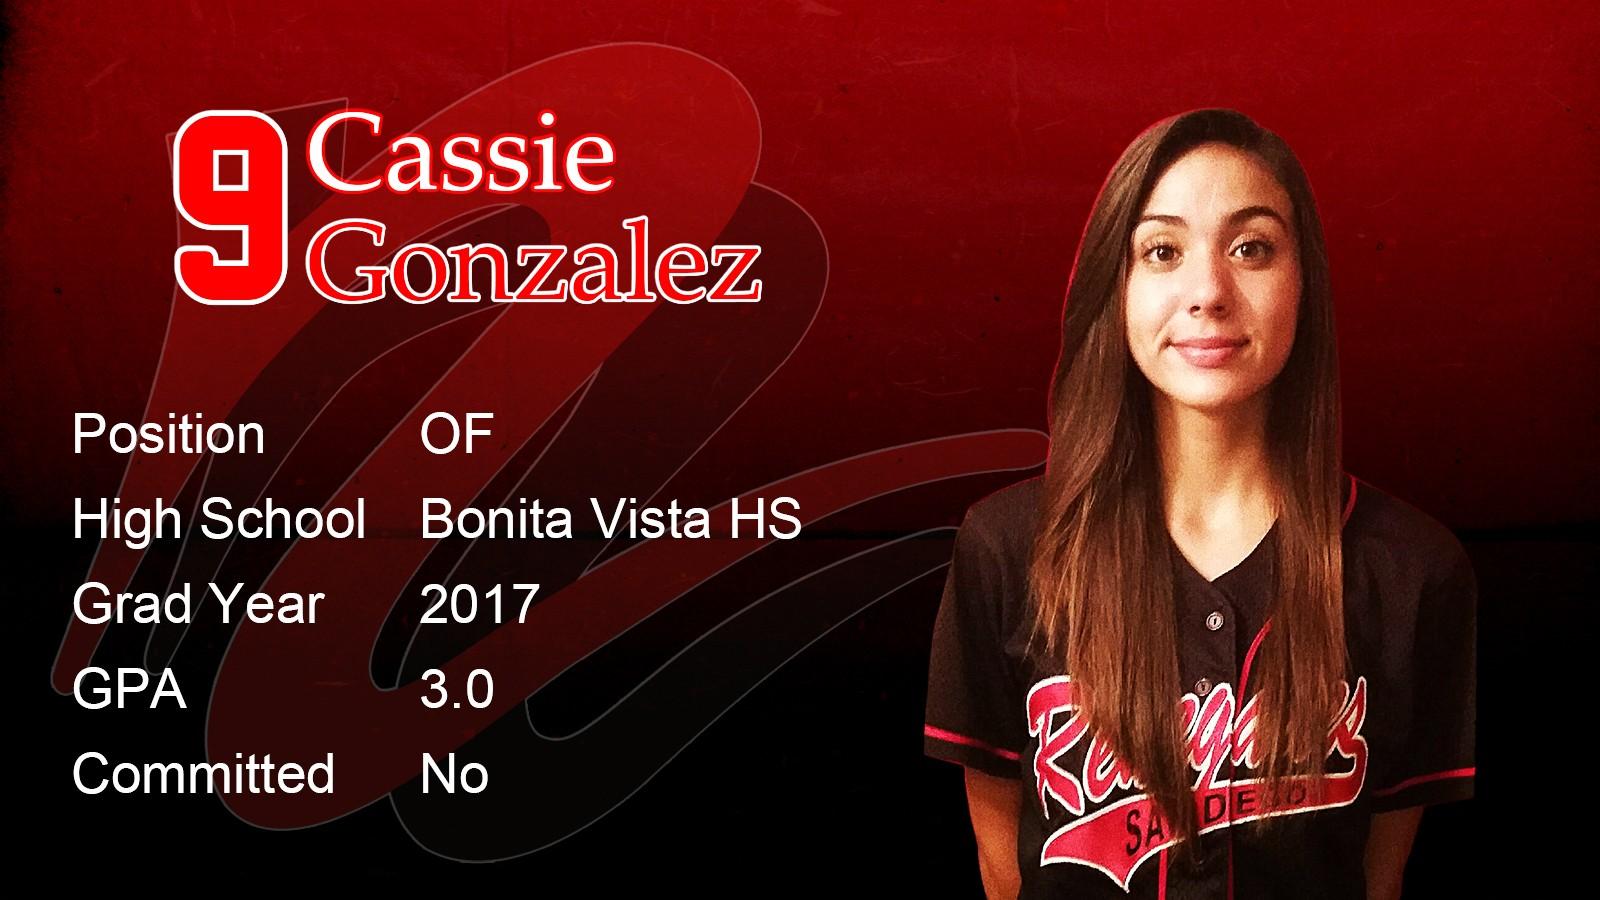 Cassie-Gonzalez